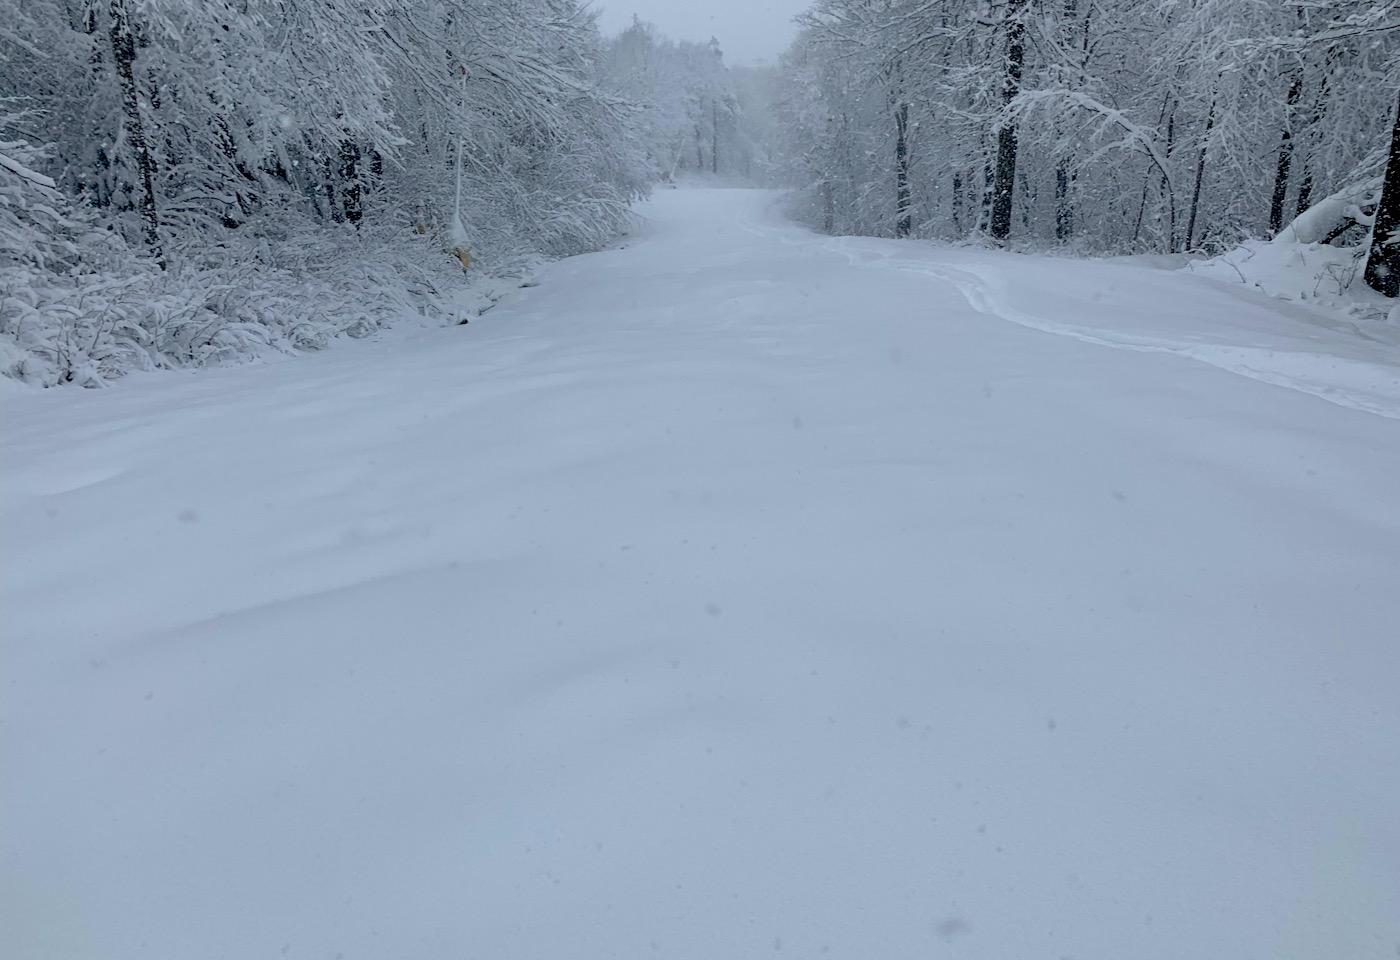 untracked snow